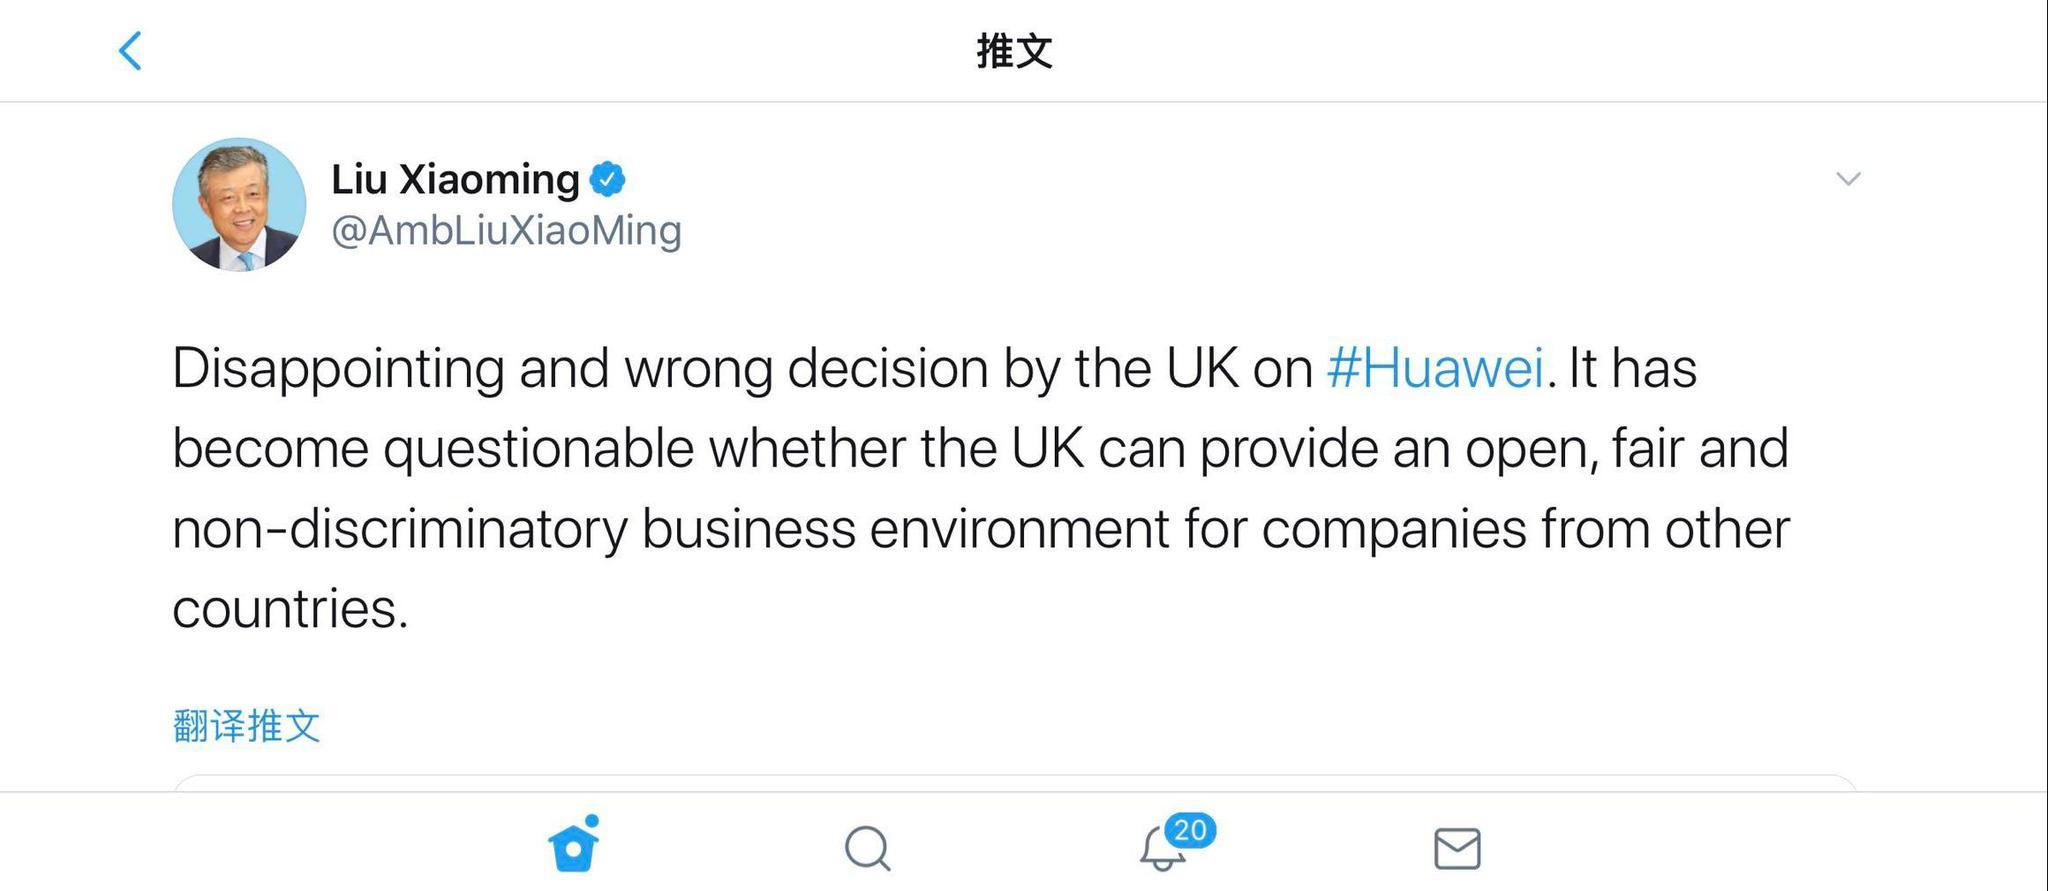 驻英大使:英国在华为5G上作出了令人失望且错误的决定